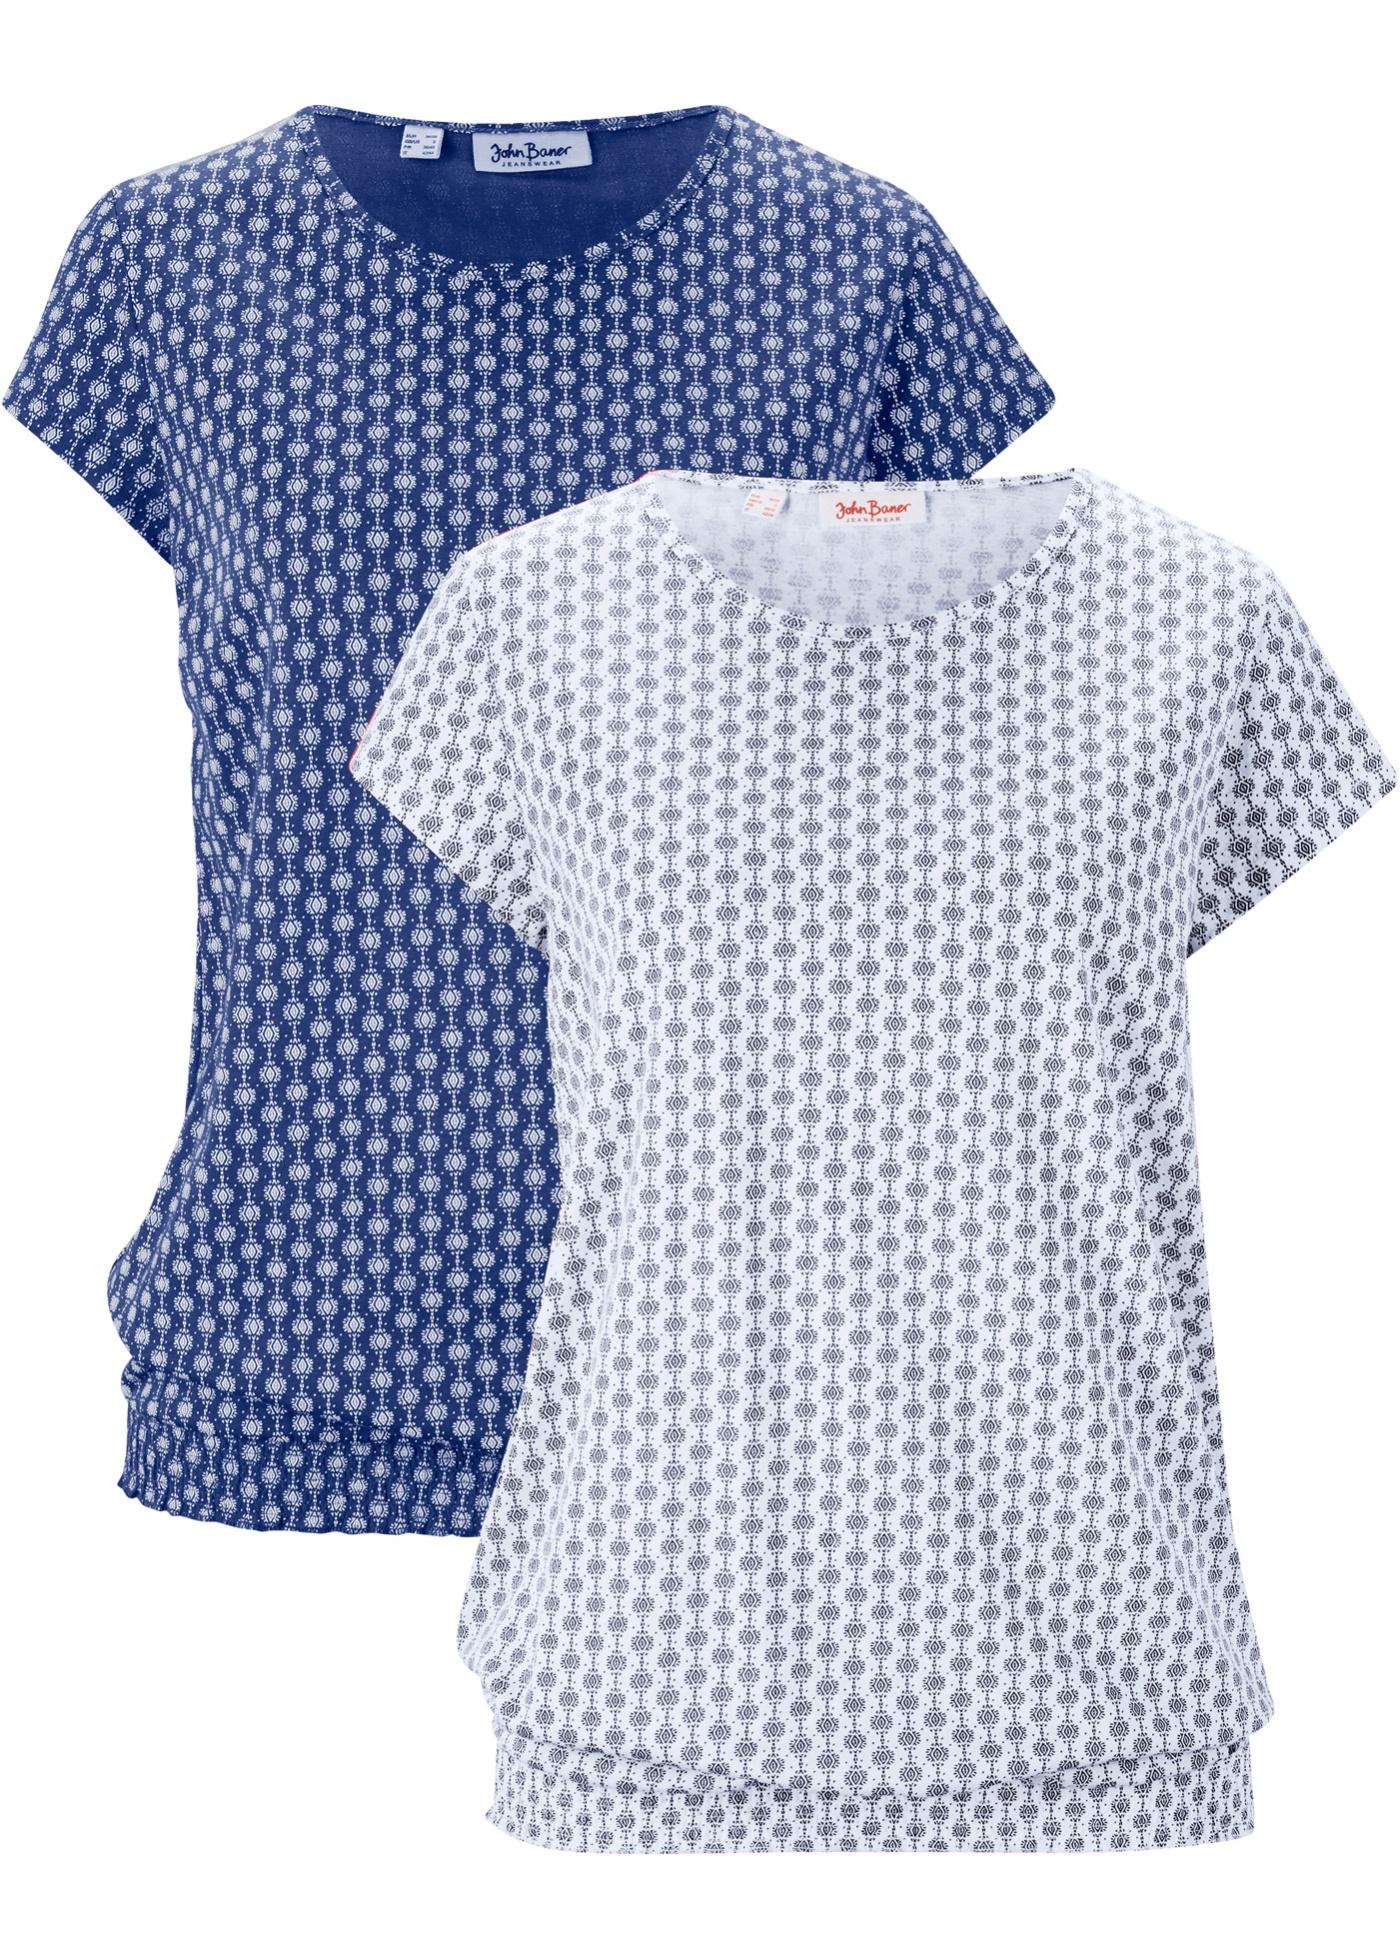 Shirt, Doppelpack, bedruckt, Mini-Arm